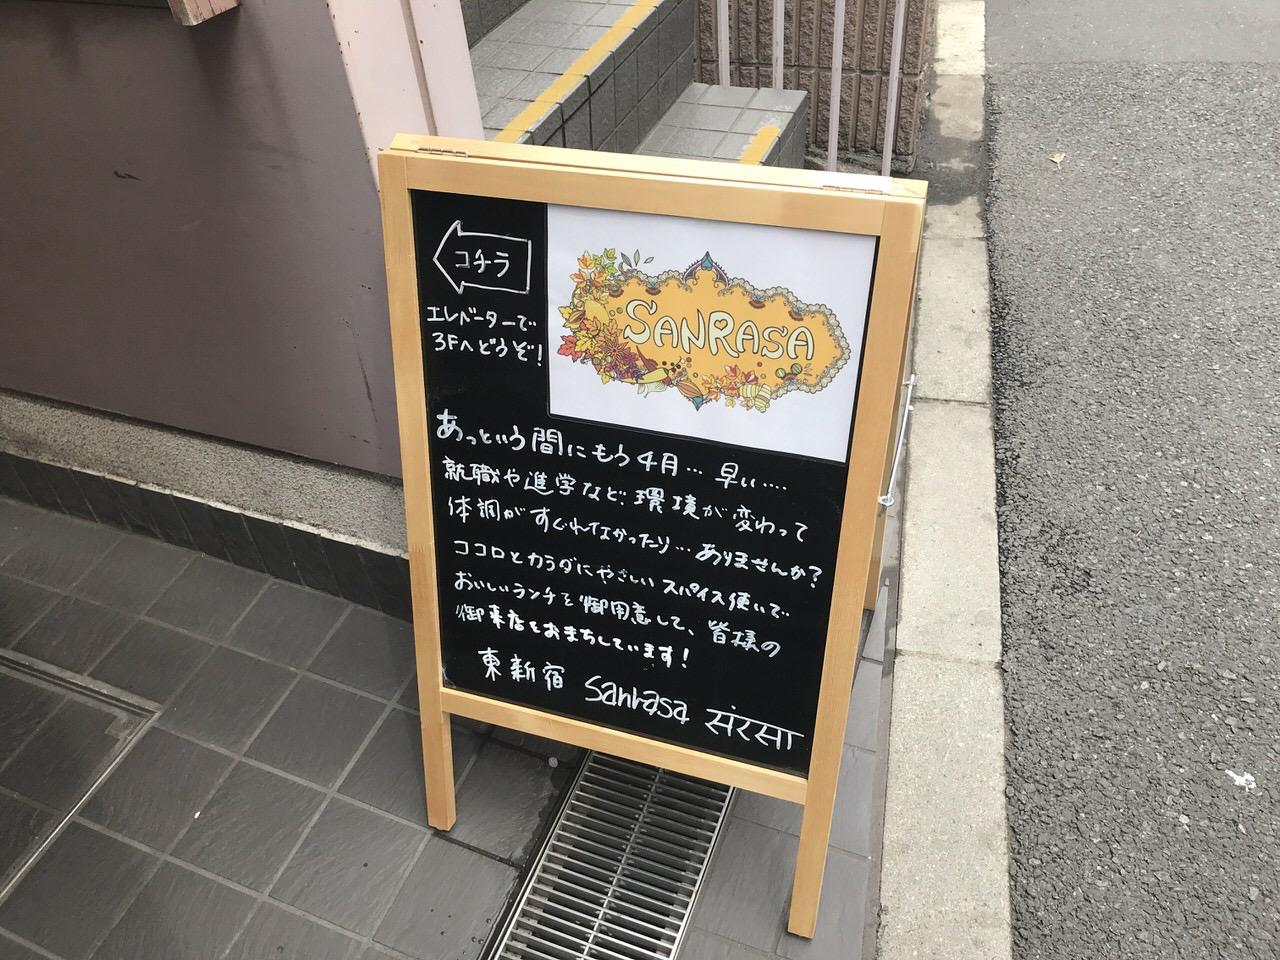 カレー「サンラサー」新宿 外観 2